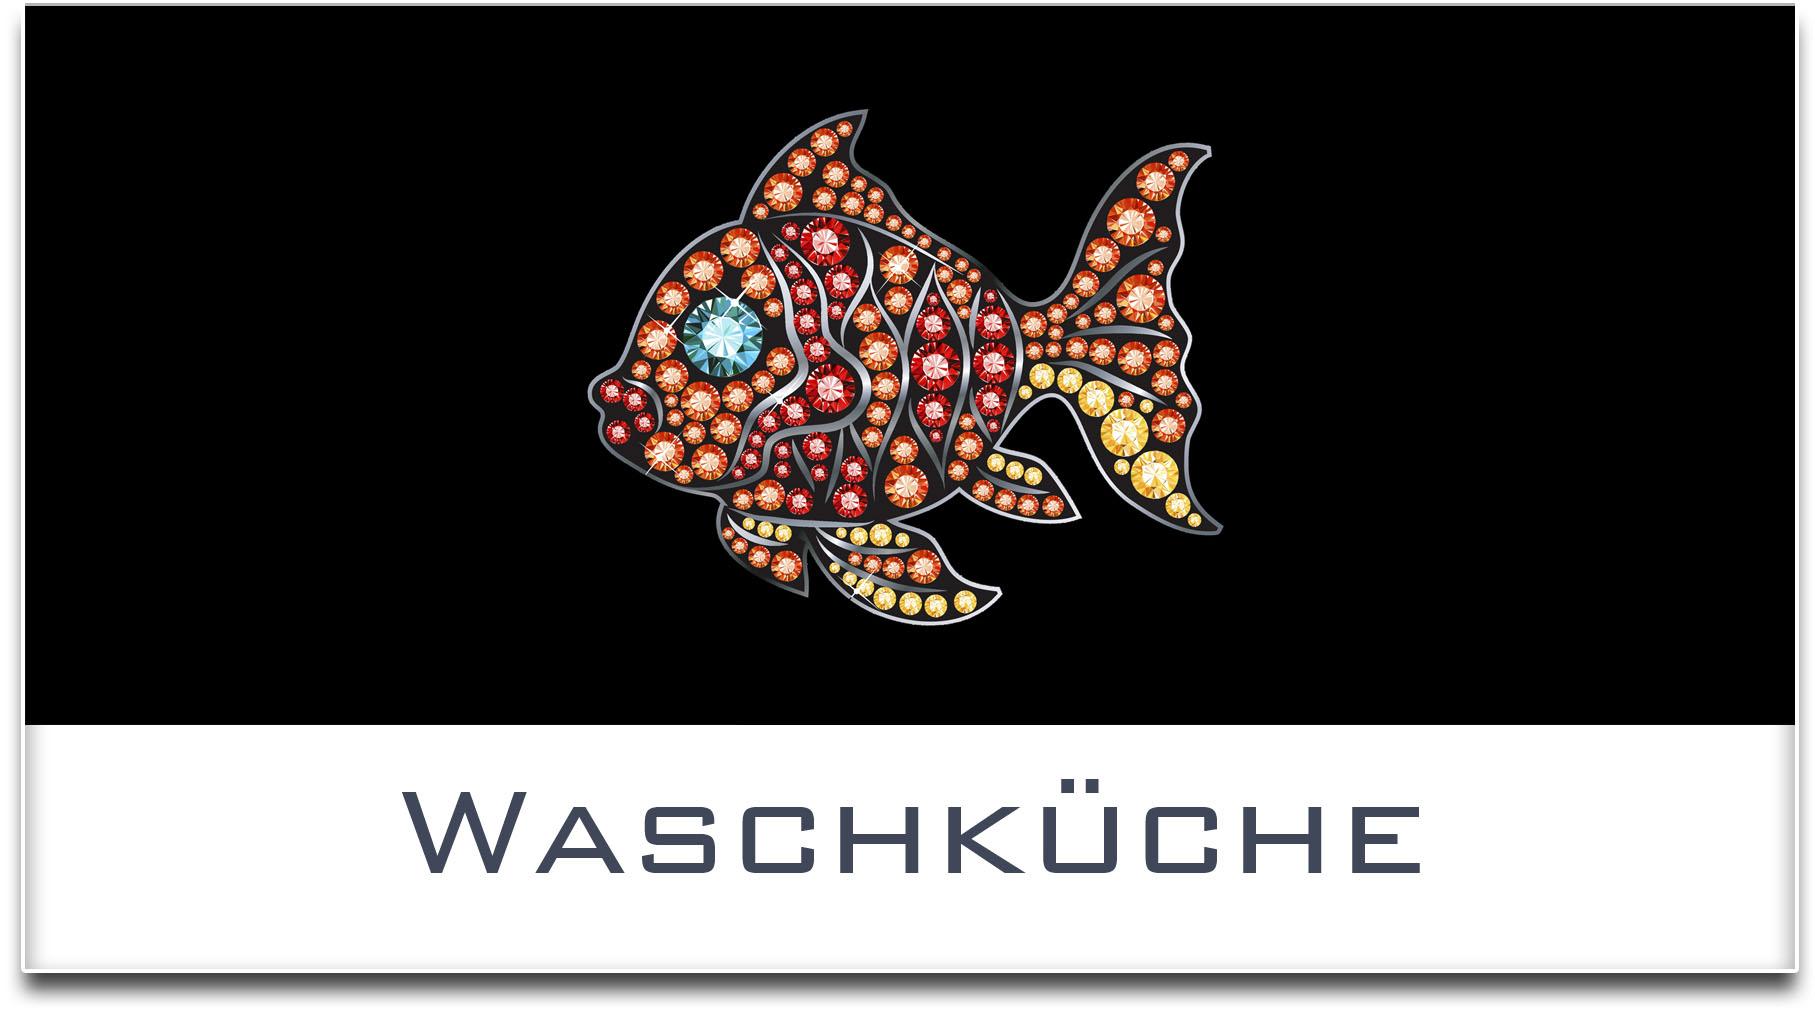 Türschild / Haustürschild / Fisch / Waschküche / Selbstklebend